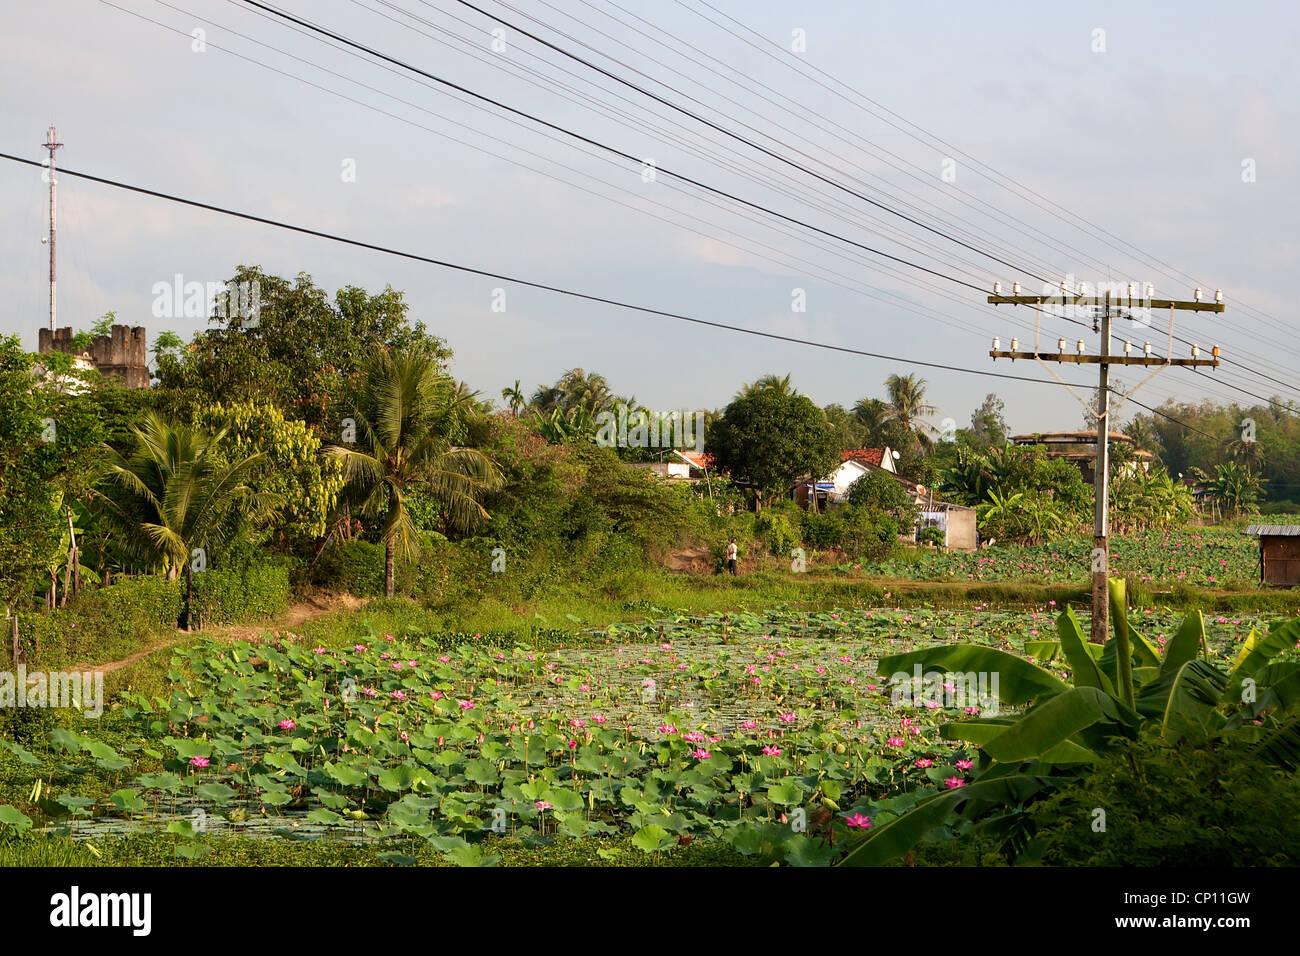 Wasser-Lilien in der Nähe von Nha Trang, Vietnam. Stockbild